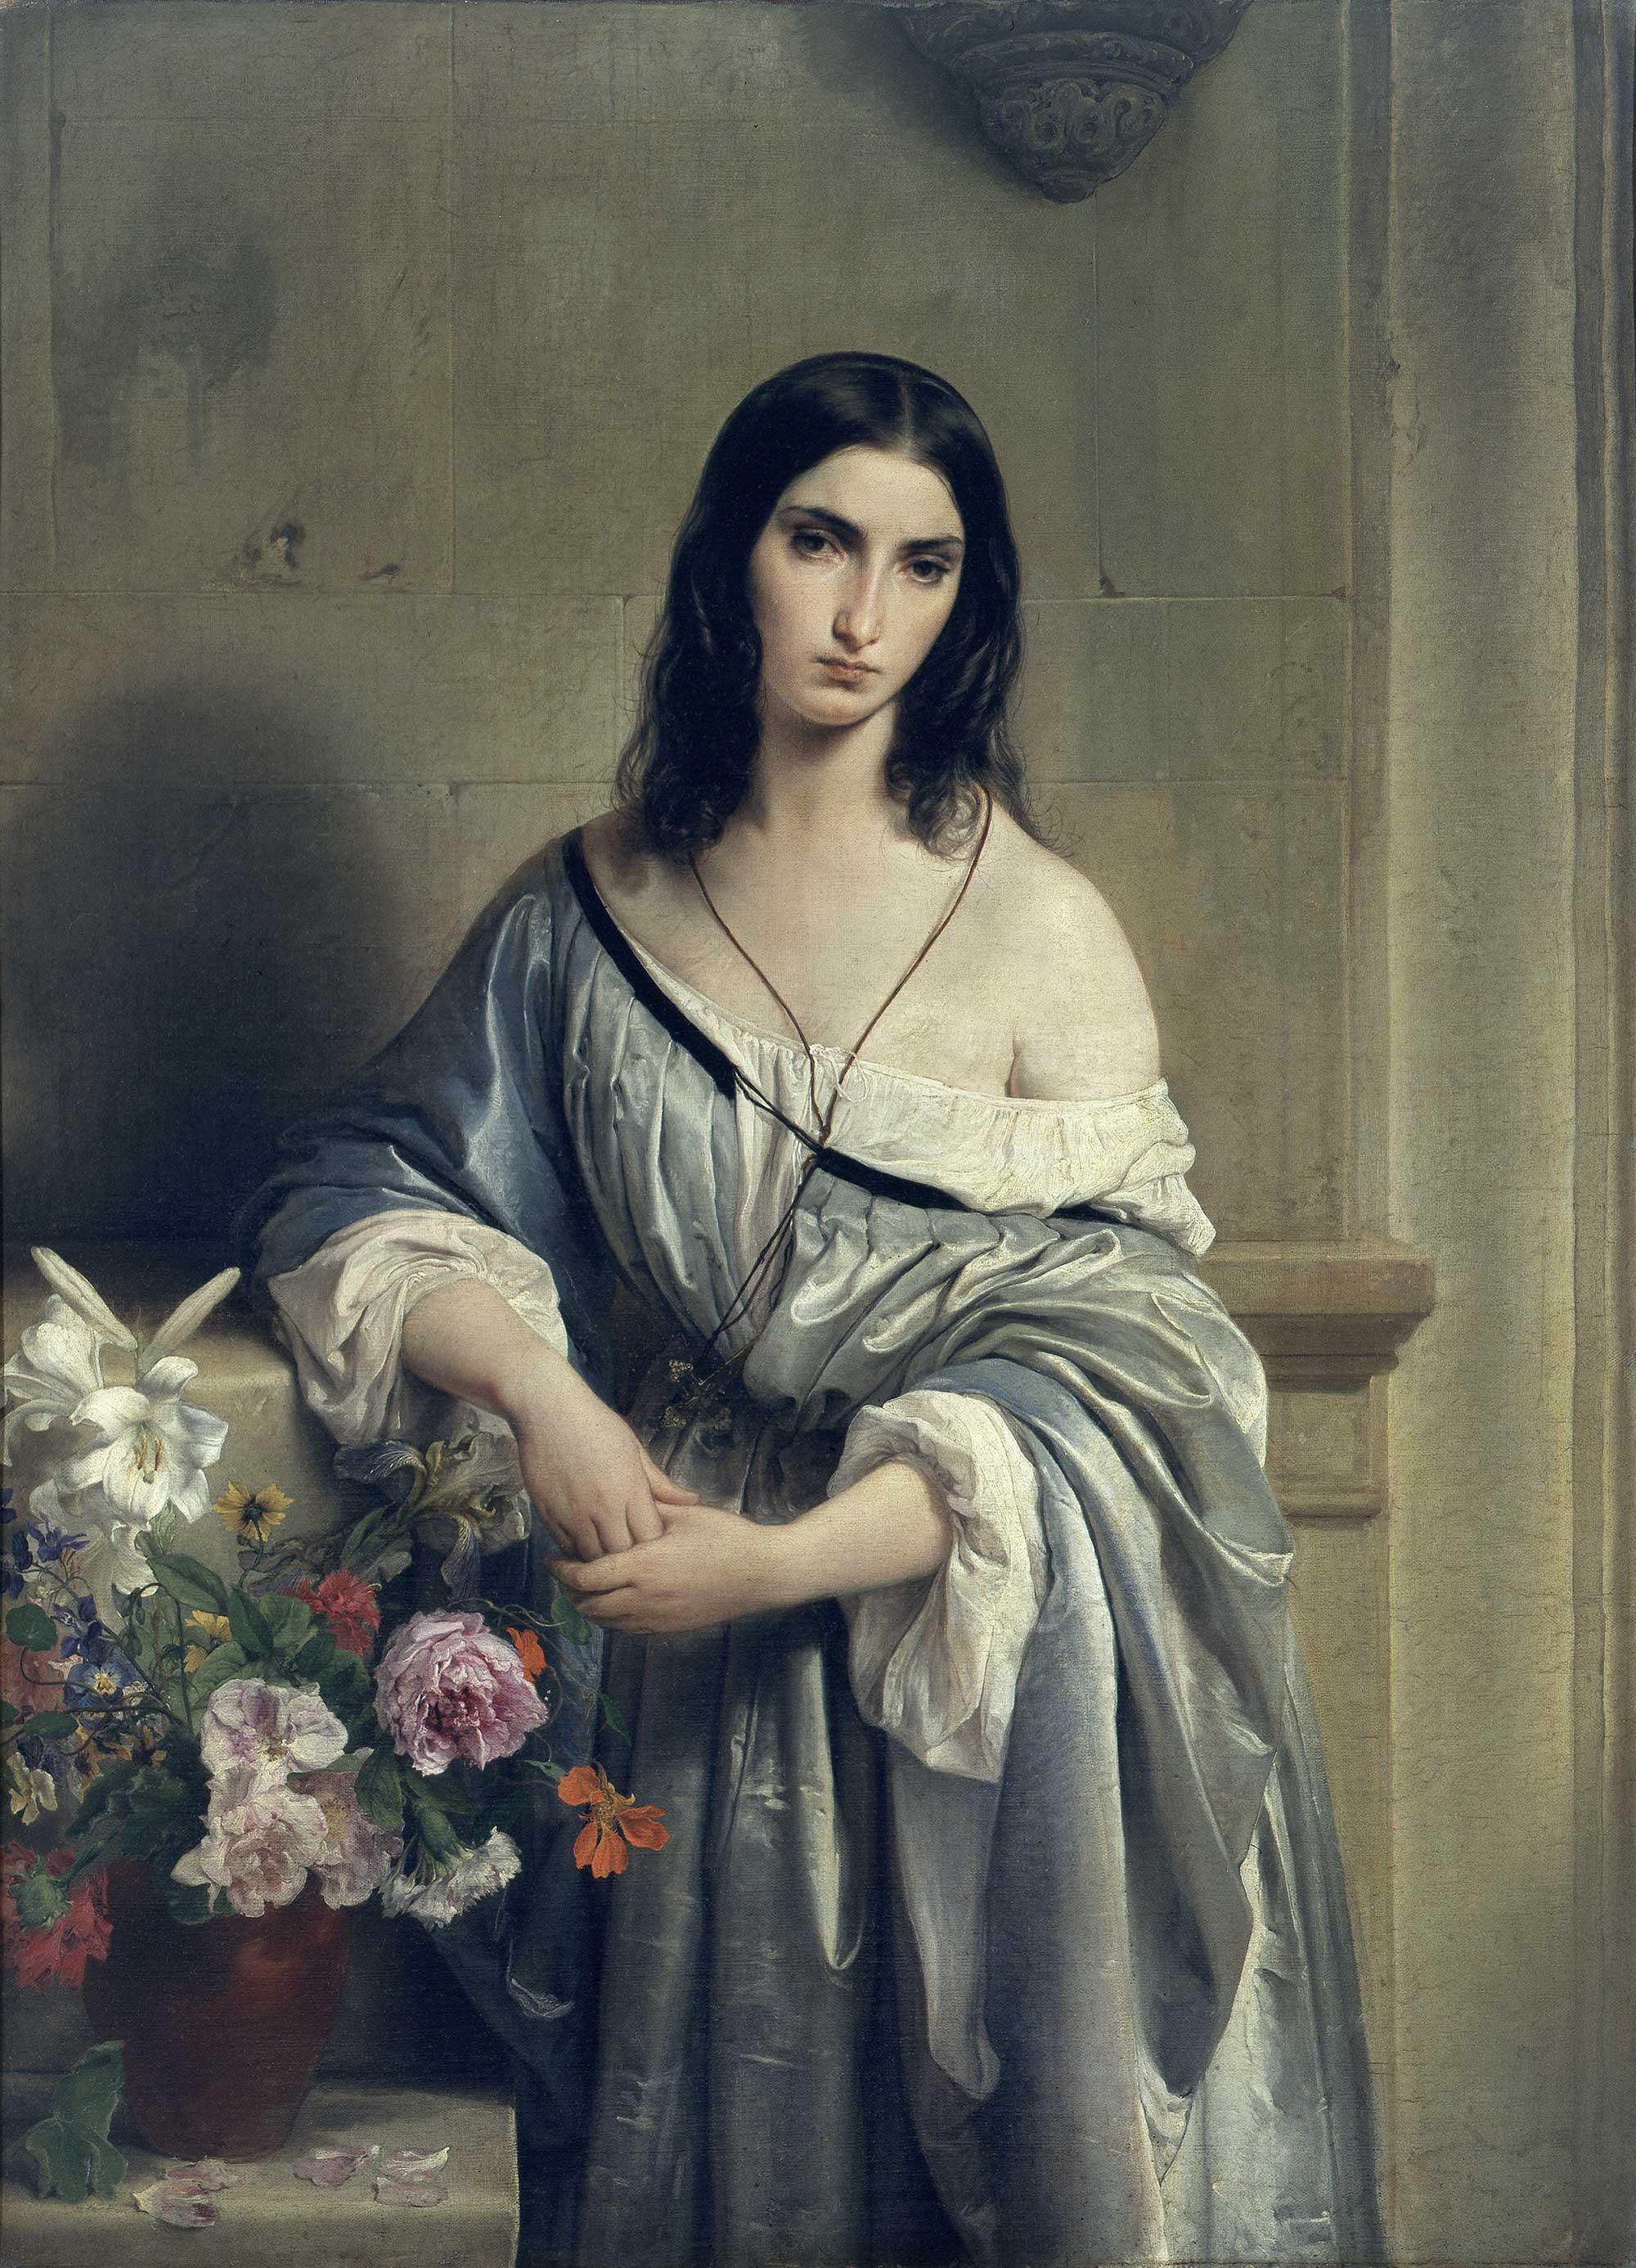 Malinconia - di Francesco Hayez - Milano, collezione privata